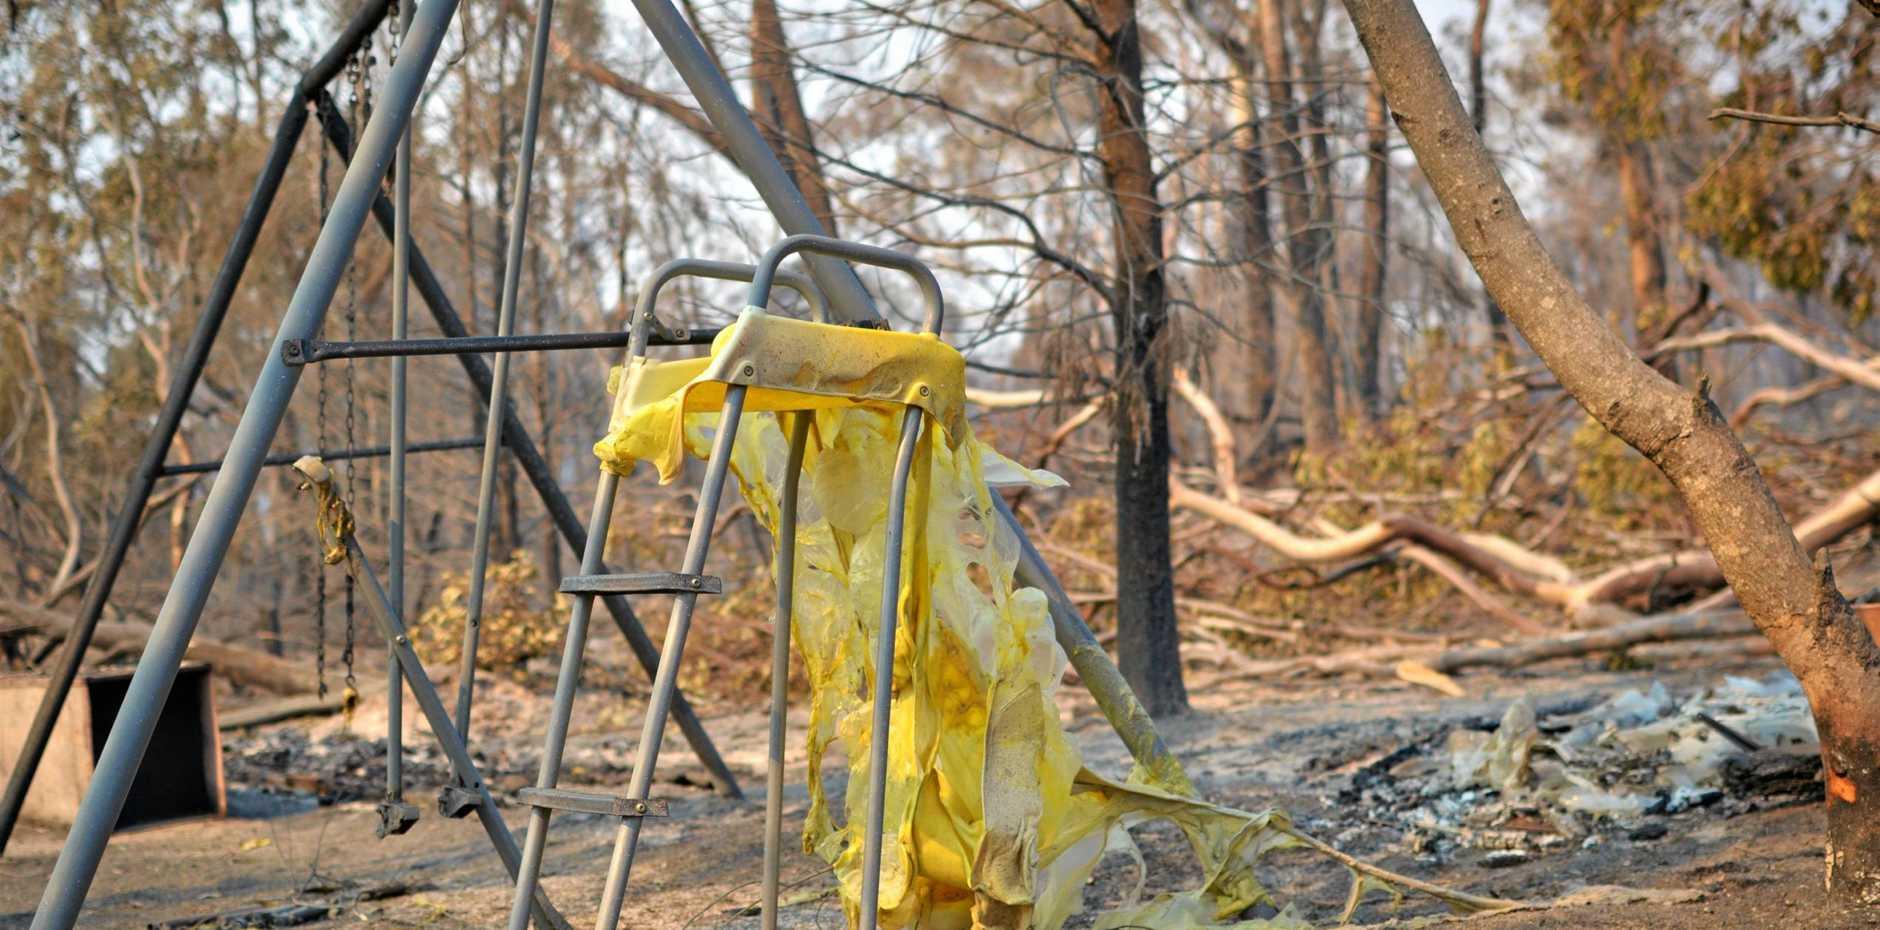 DEVASTATION: Children's play equipment is destroyed by fire at Ballandean.